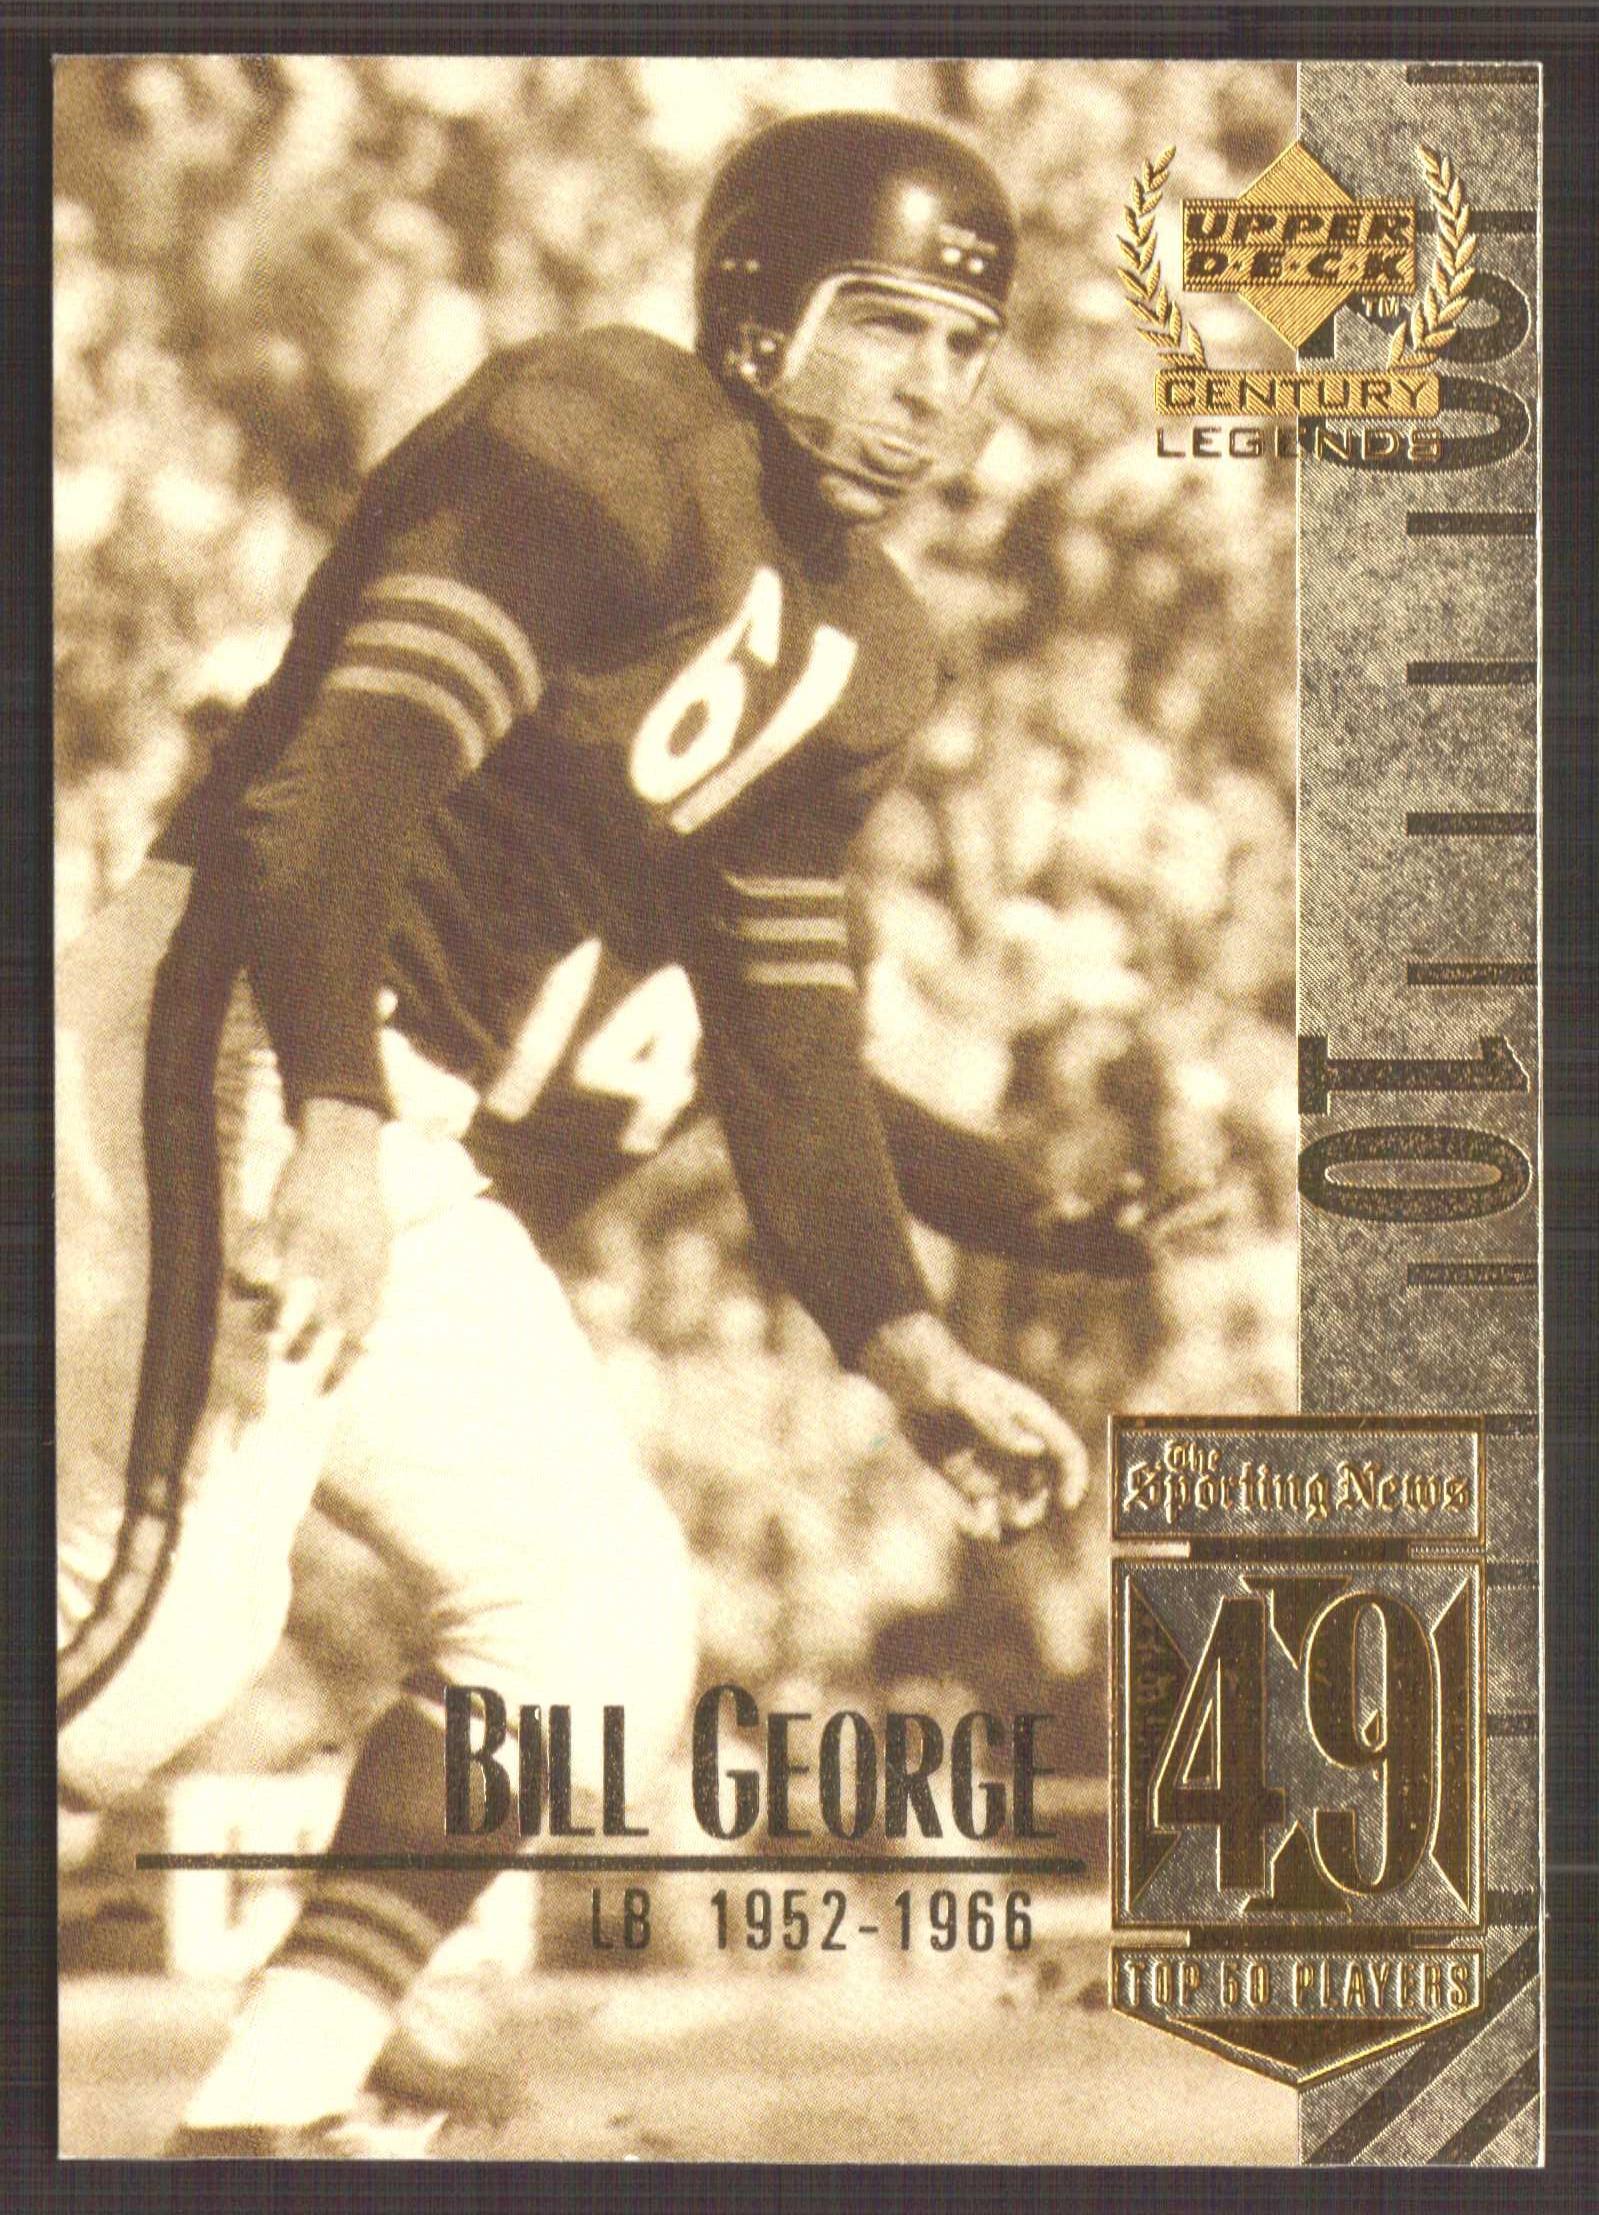 1999 Upper Deck Century Legends #49 Bill George